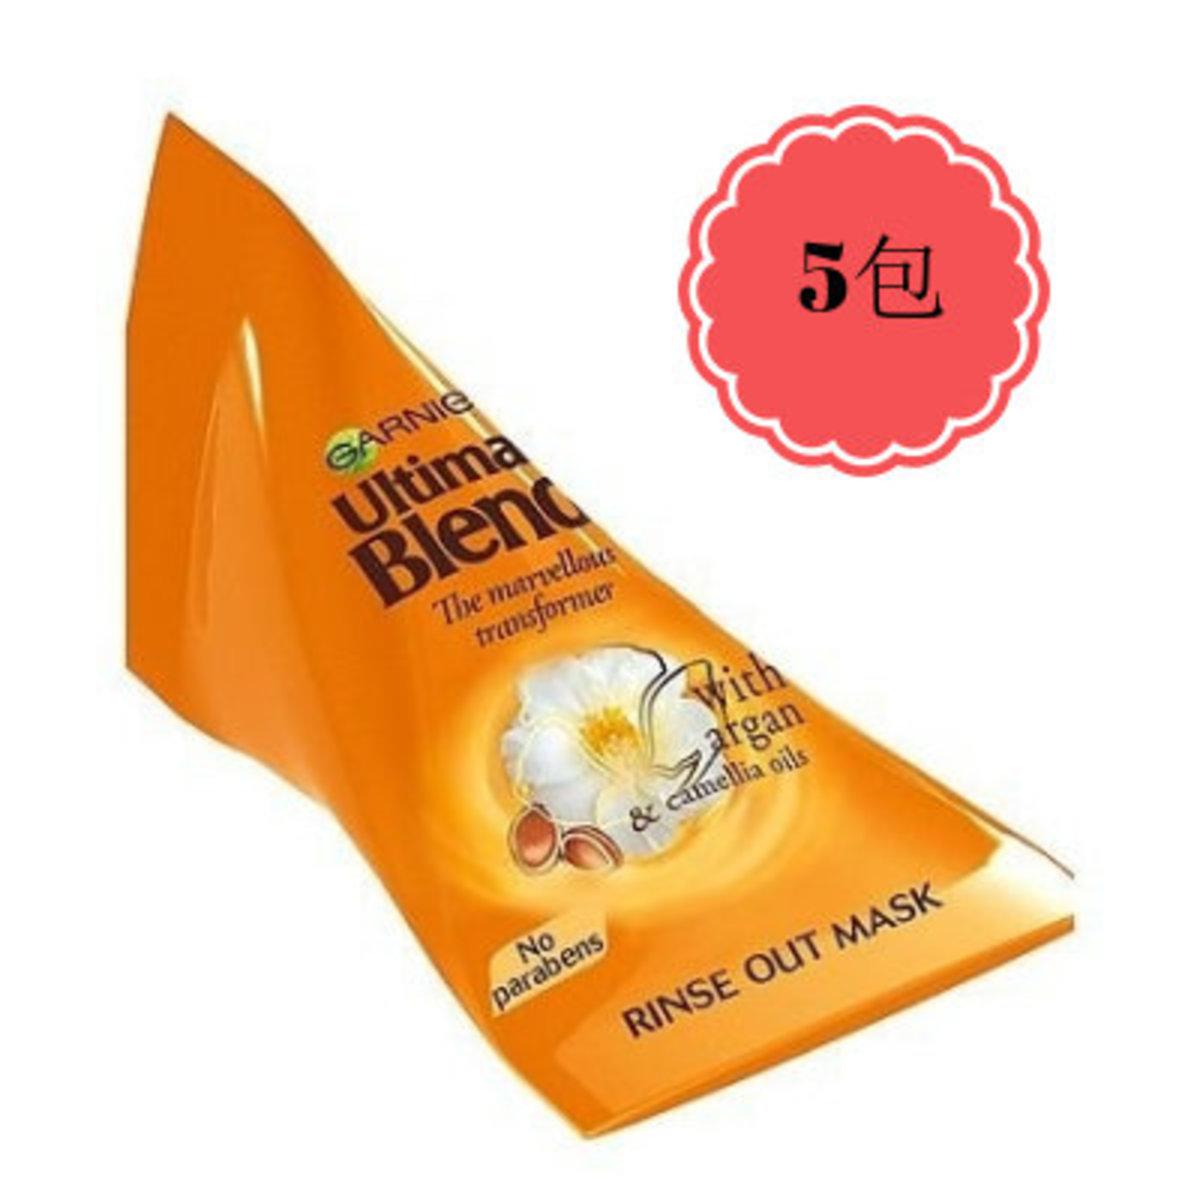 堅果頭髮護理霜 20ml x 5包 (3600541978508)